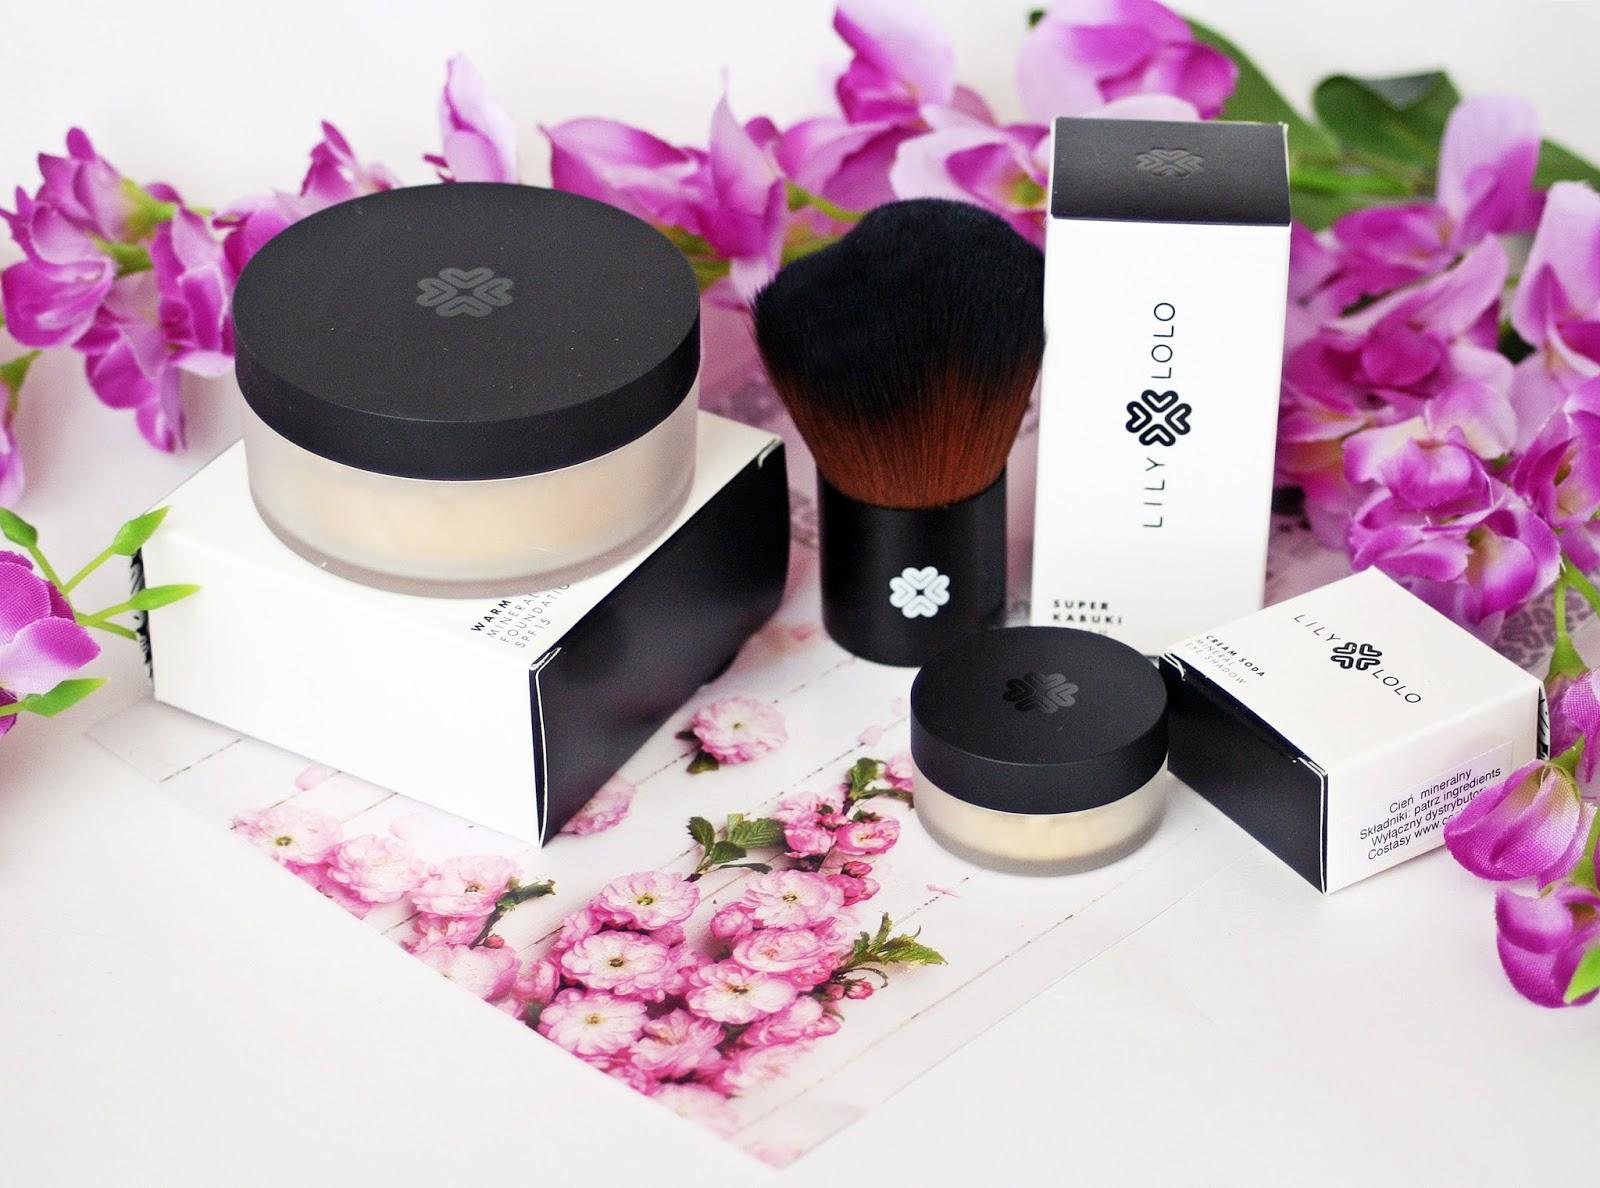 Lily Lolo, Mineralny podkład w odcieniu Warm Peach oraz pędzel Super Kabuki + Mineralna baza pod cienie Cream Soda jako korektor pod oczy